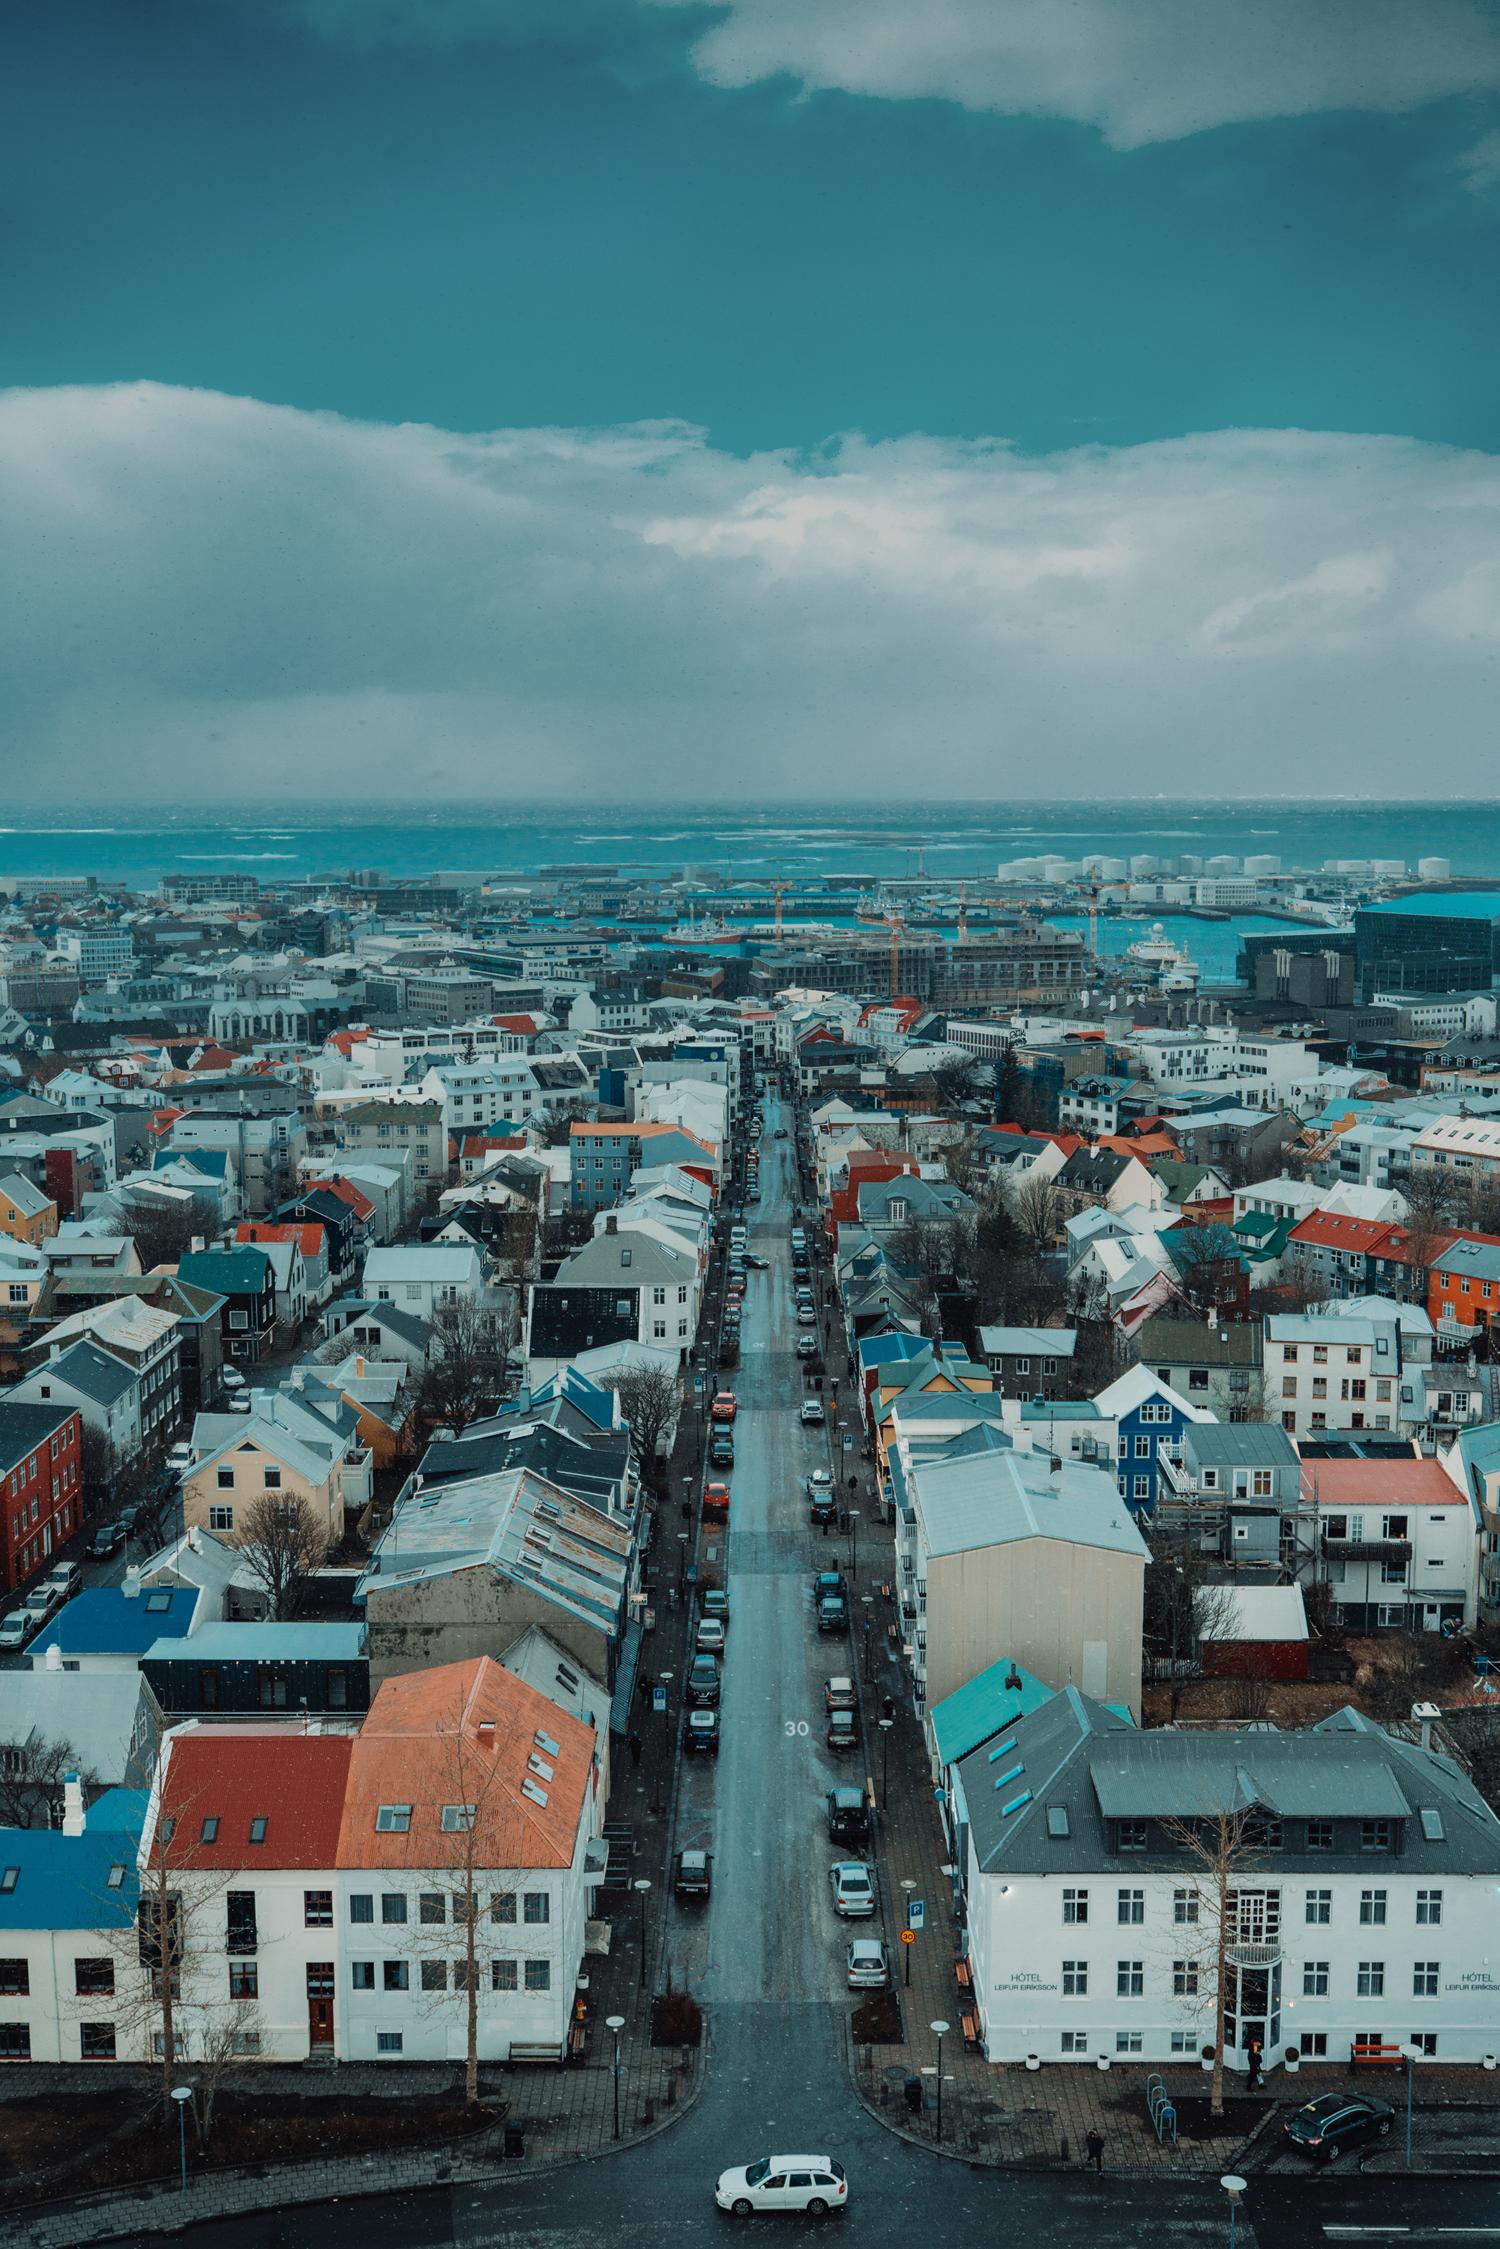 Guide to Iceland Reykjavik